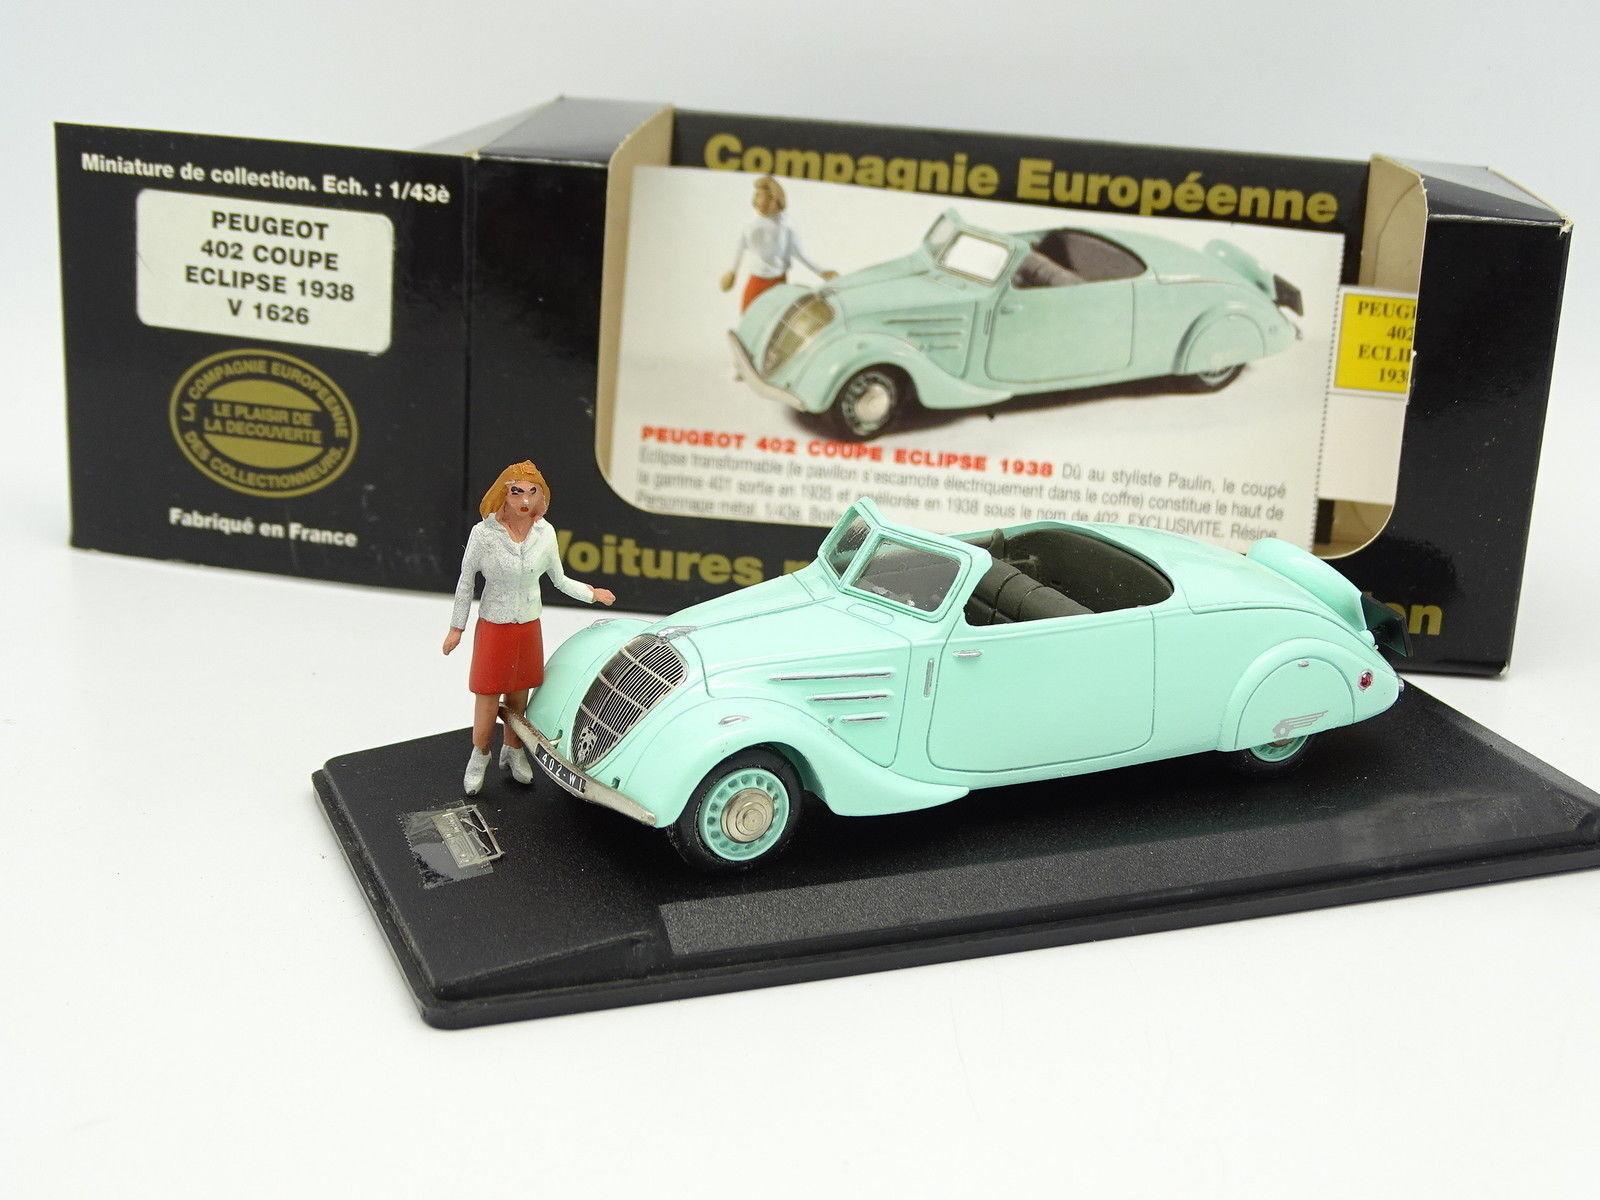 Elysée Résine CEC 1/43 - Peugeot 402 Eclipse 1938 + Figurine